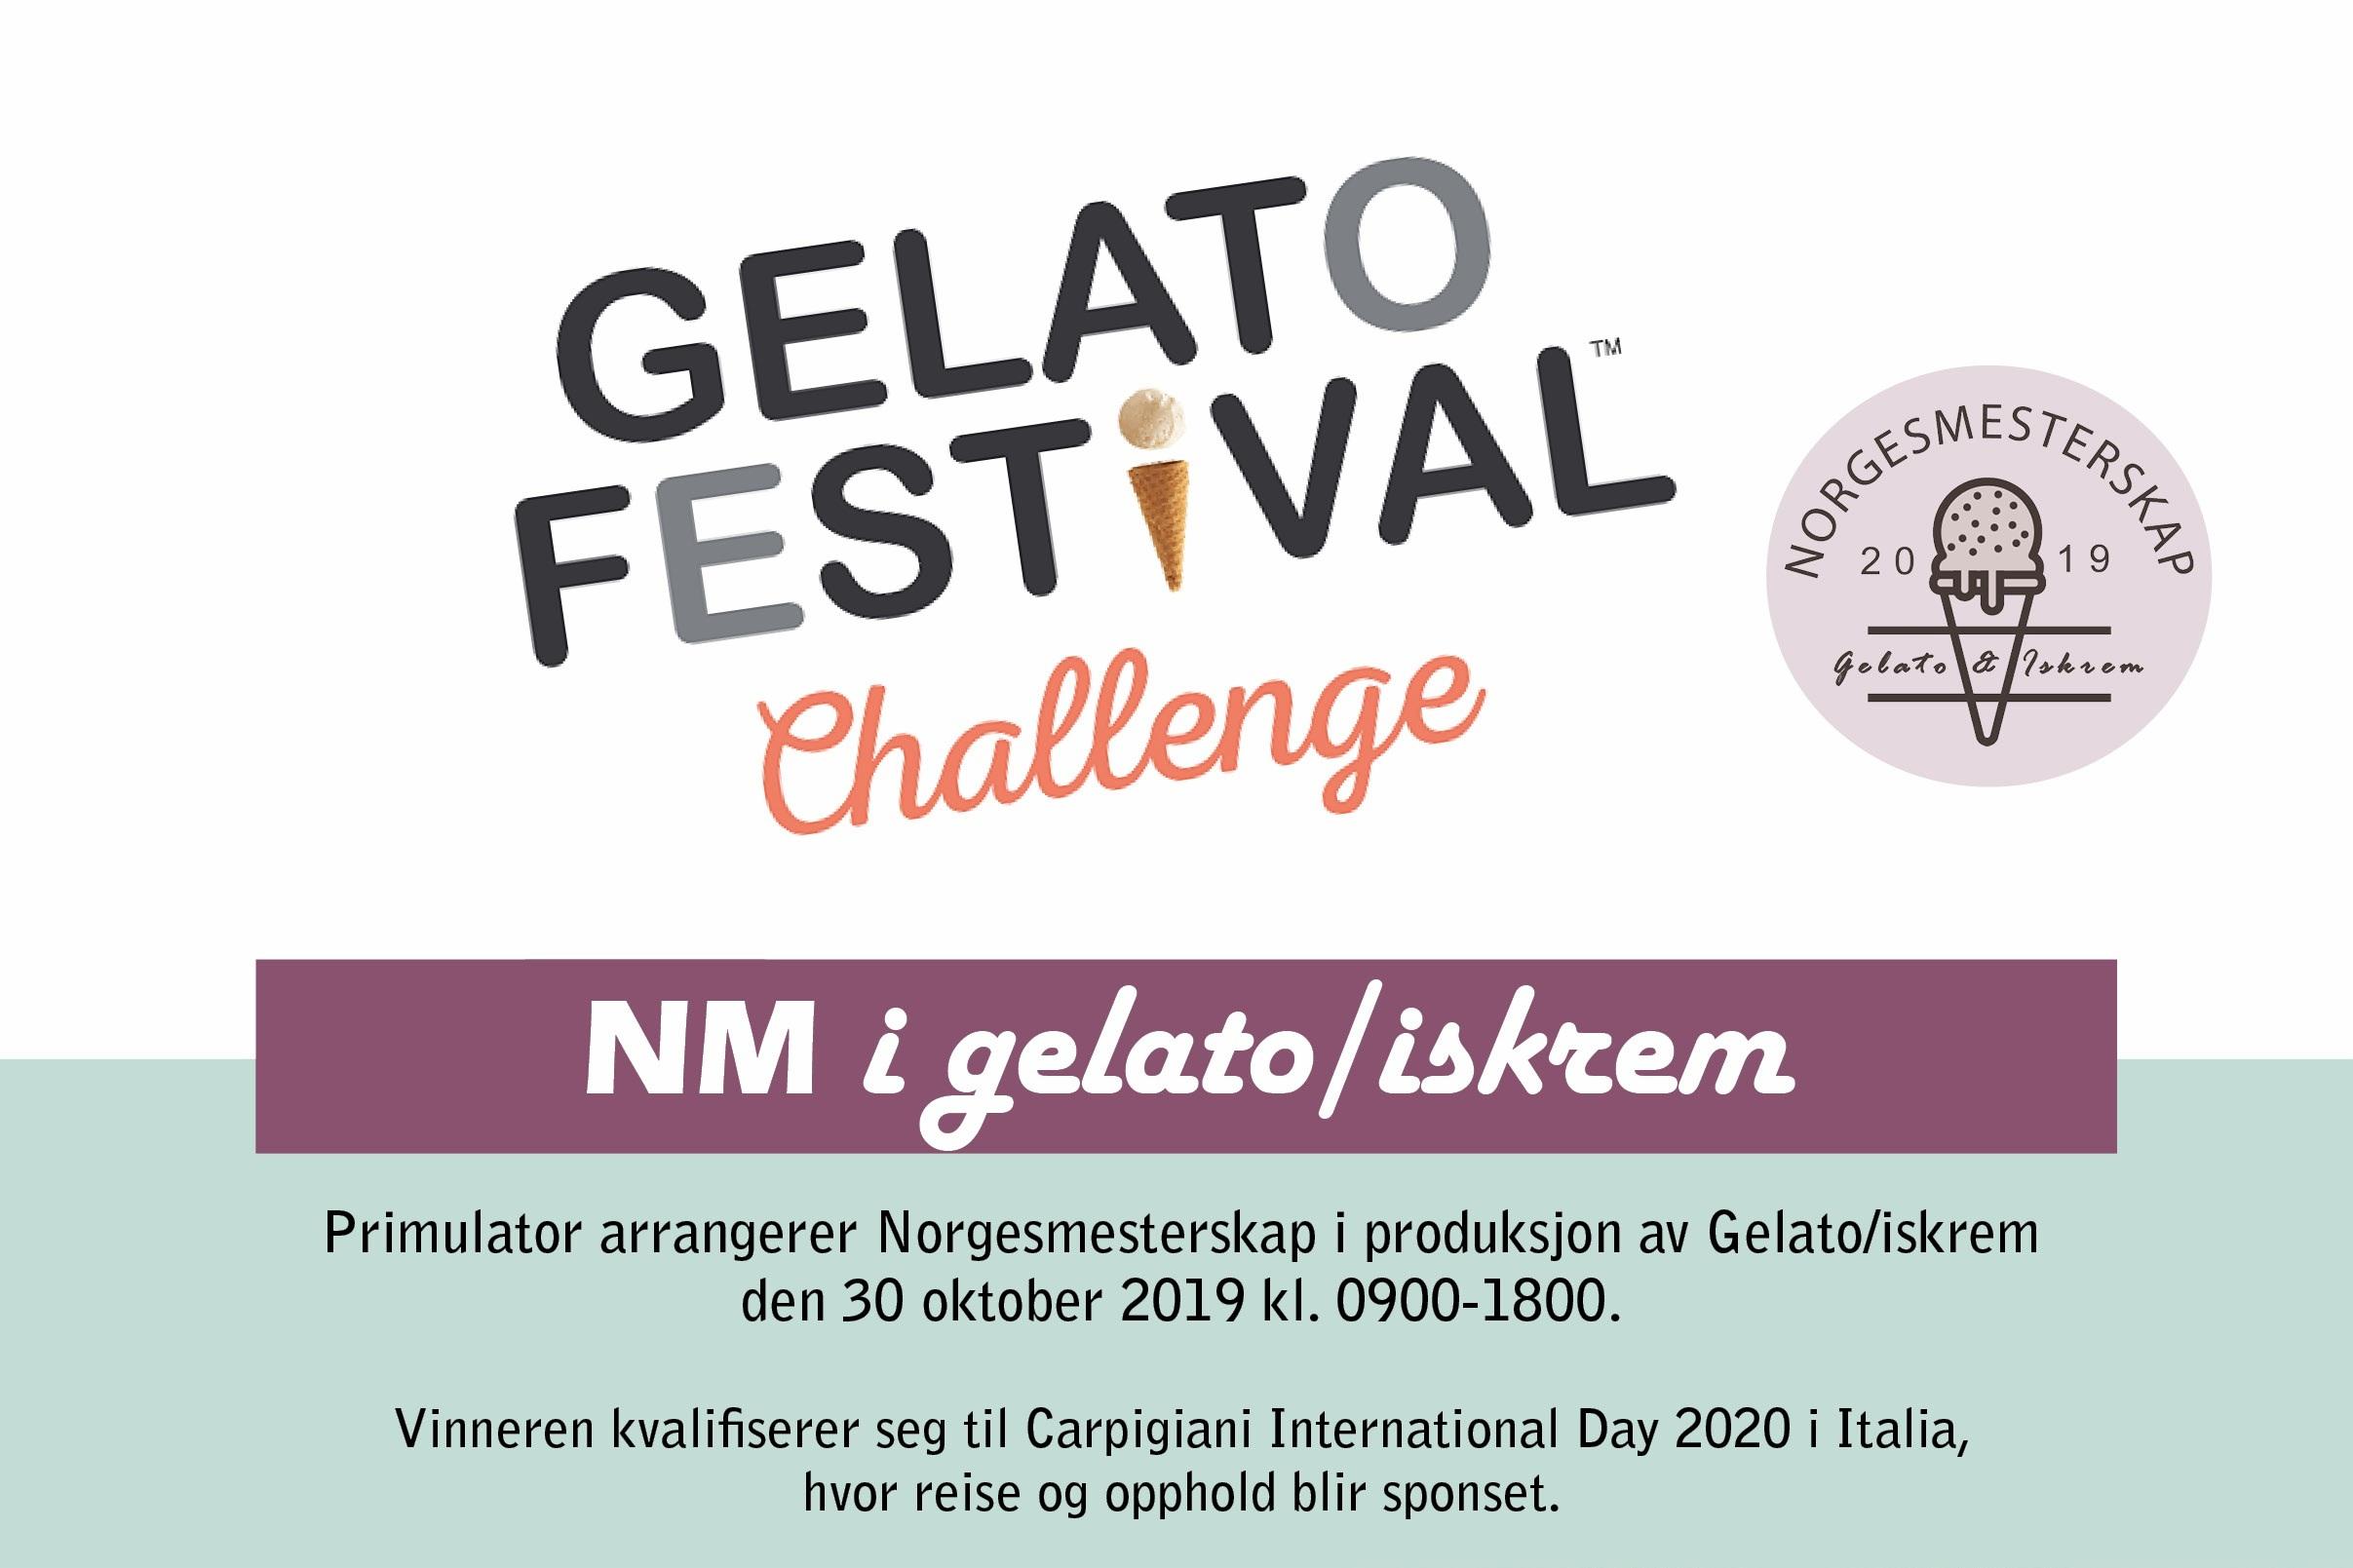 gelato%2Bnm_2019_invitasjon.jpg